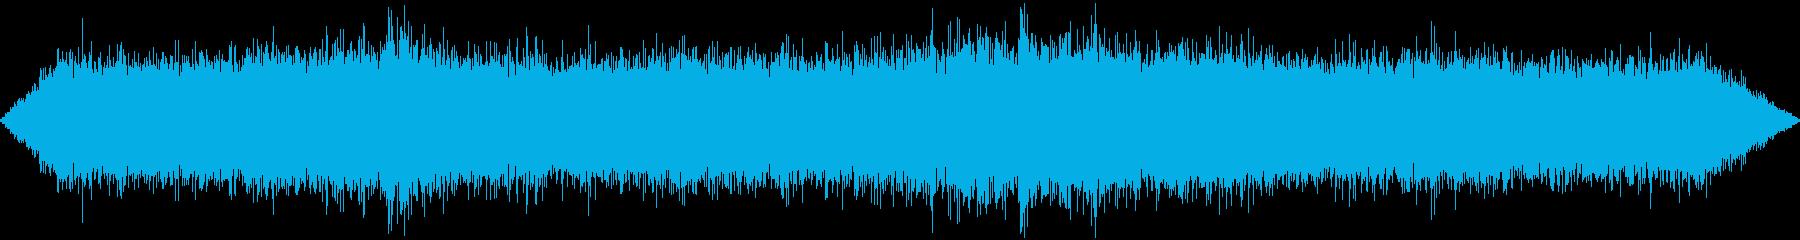 ダークアンビエント_07 地下世界の再生済みの波形